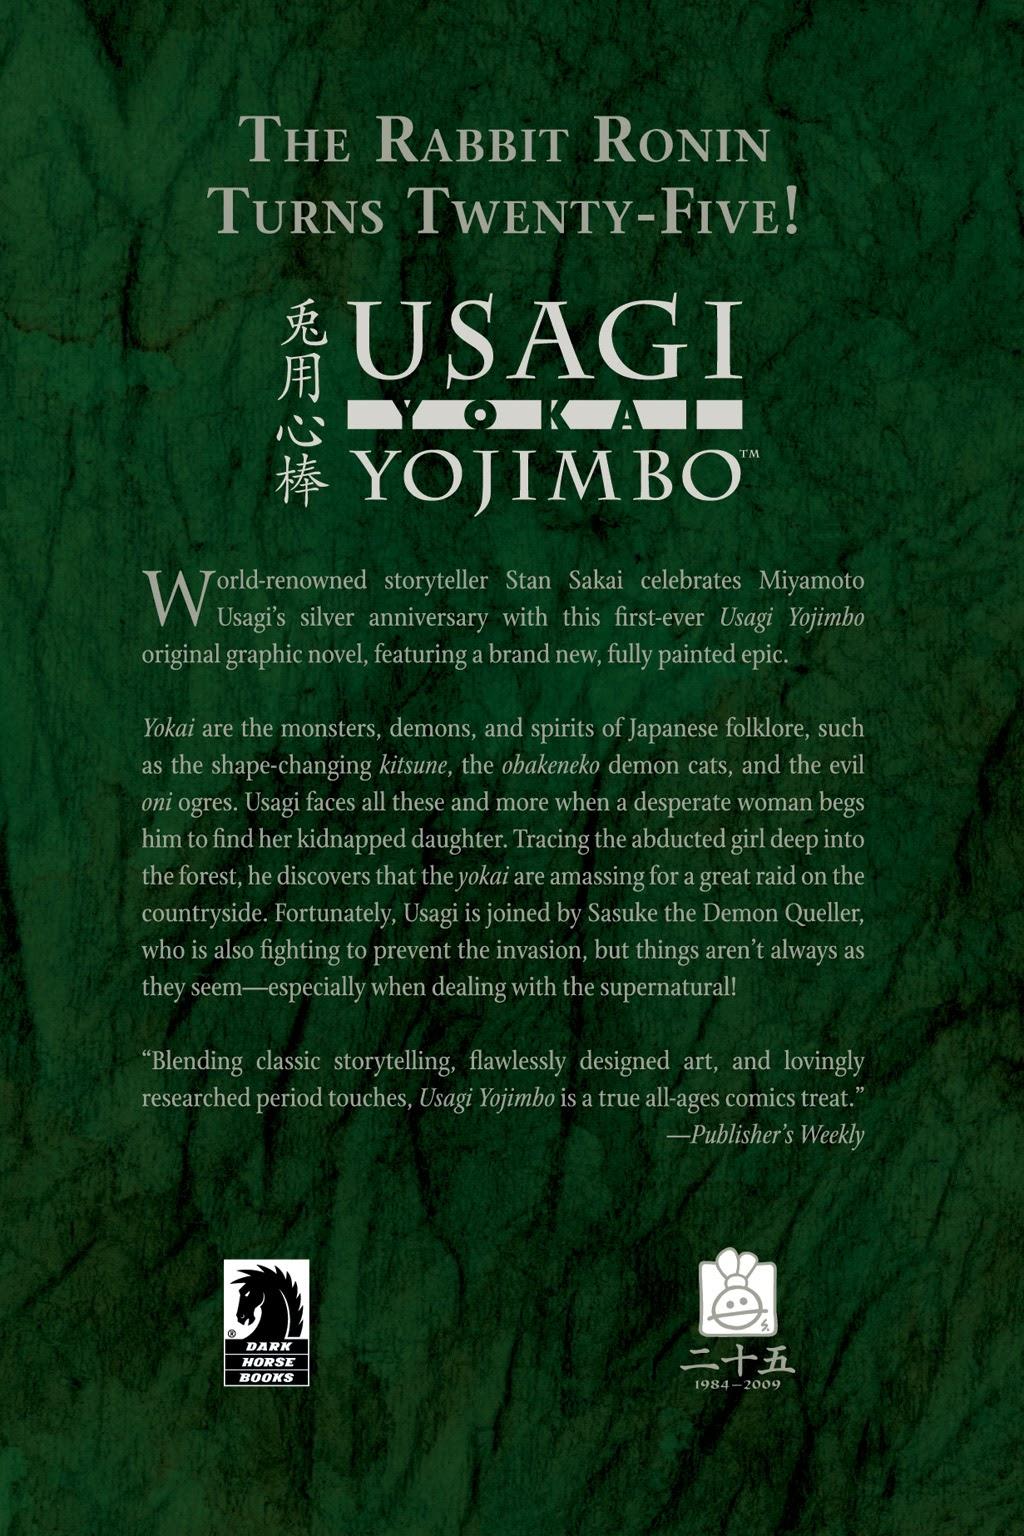 Read online Usagi Yojimbo: Yokai comic -  Issue # Full - 59